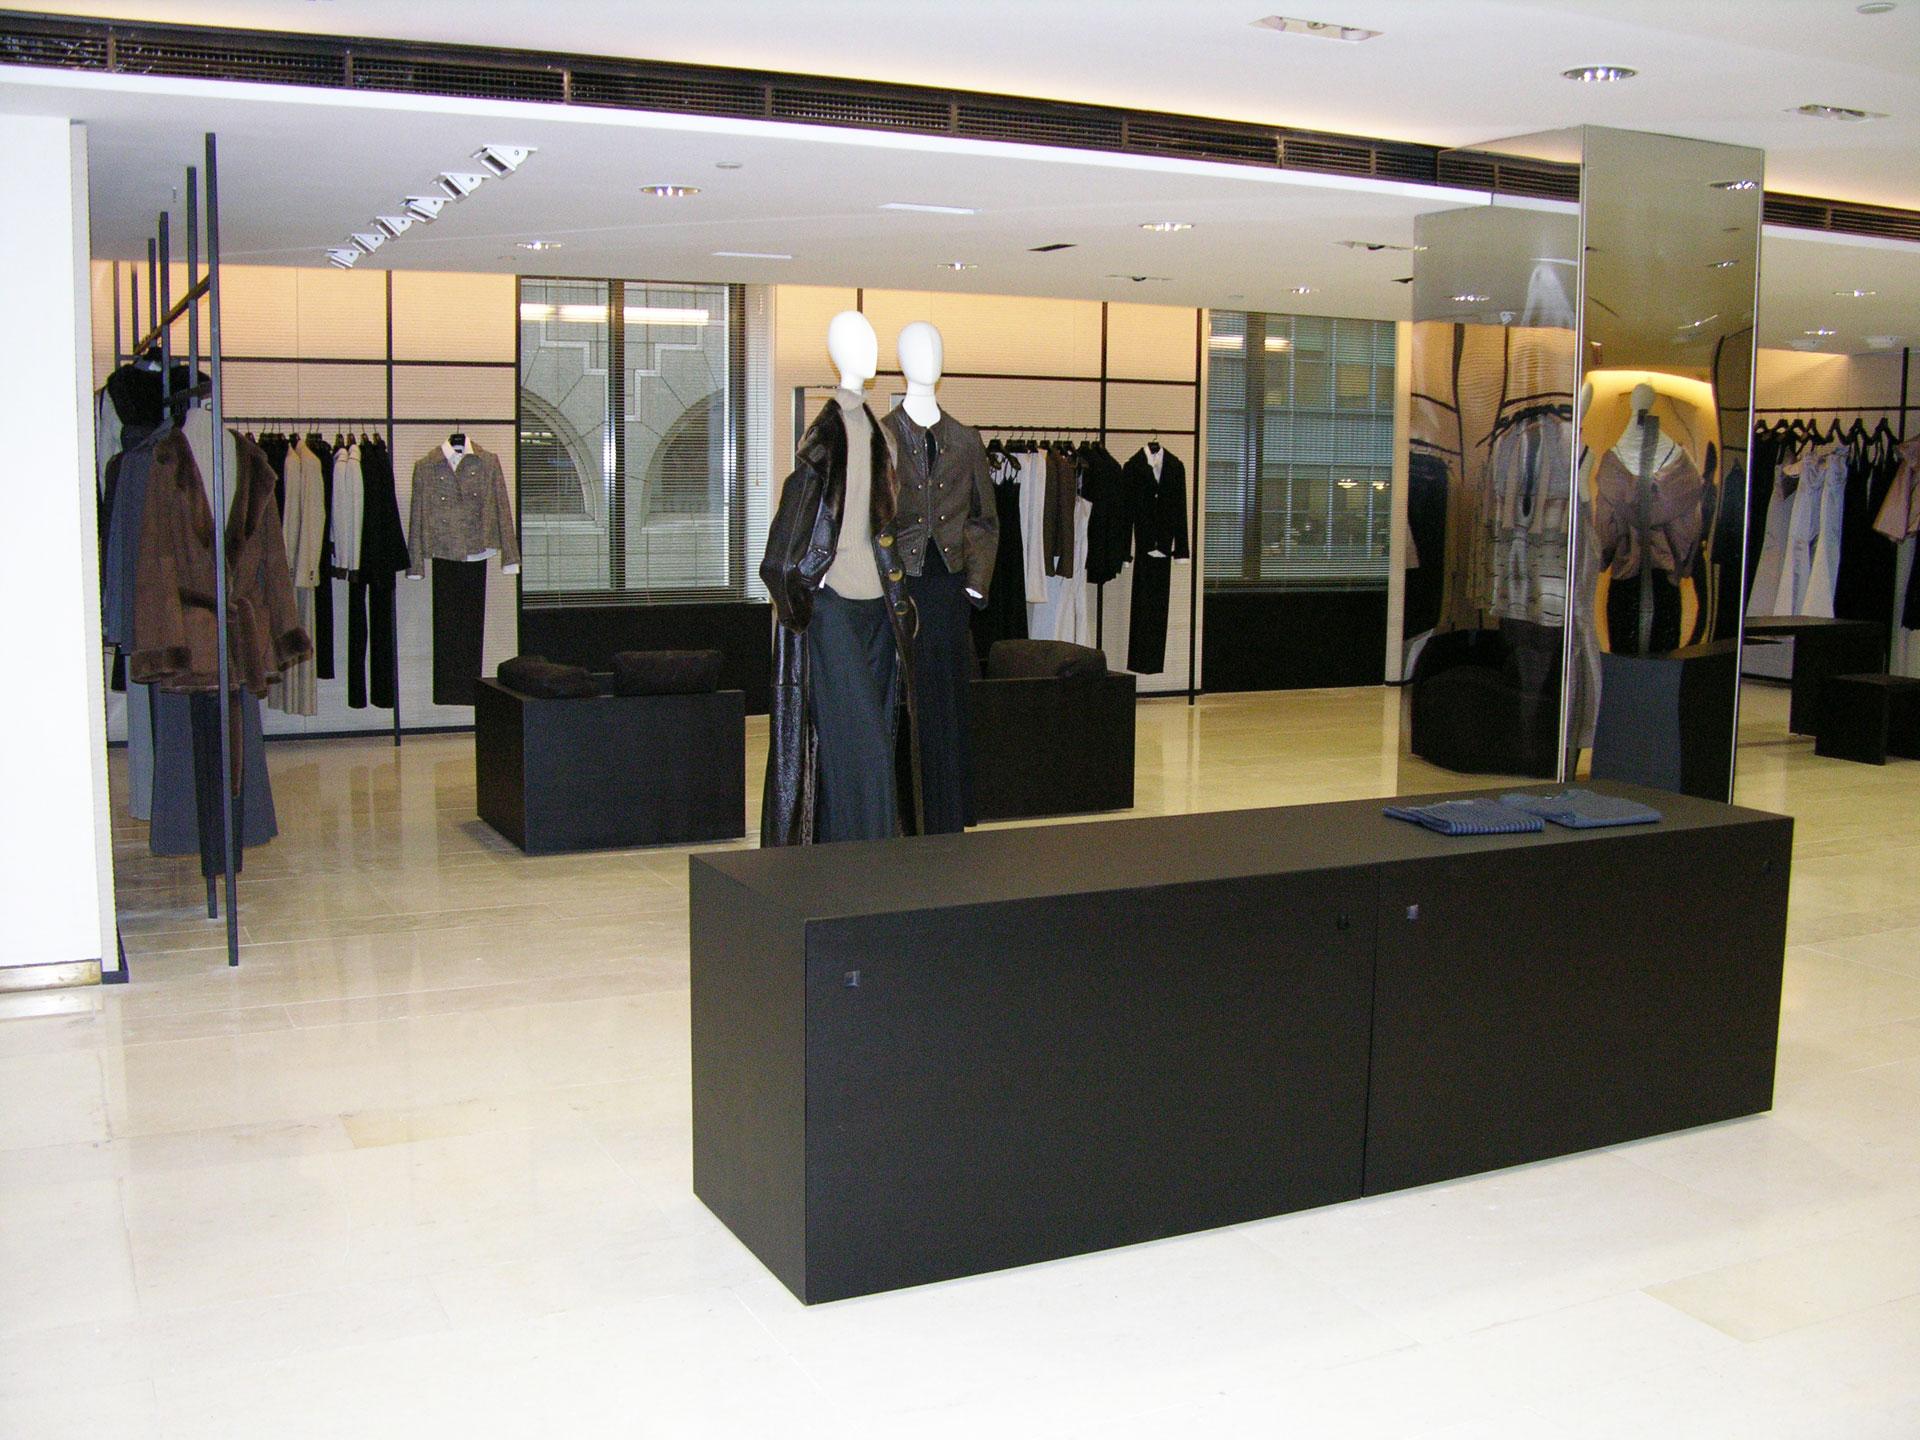 Reforma realizada en tienda de moda